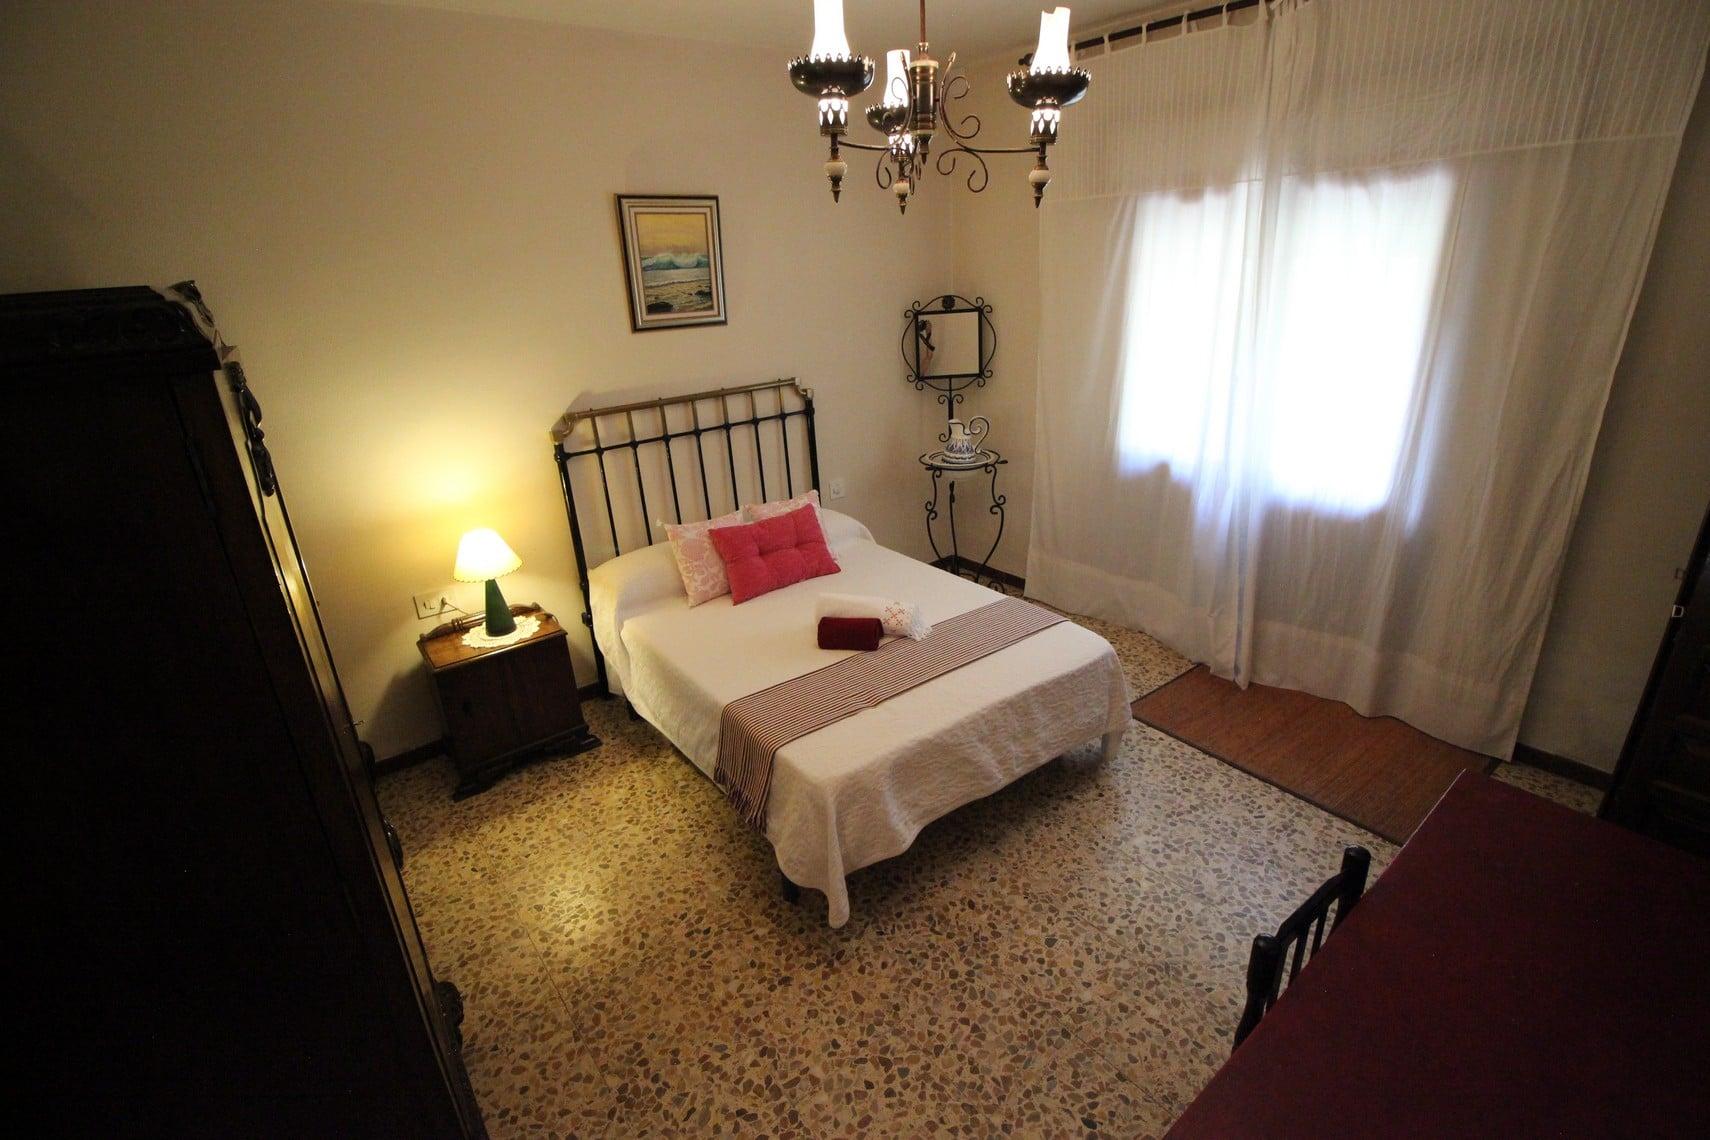 habitación5_las_hazas jarandilla020